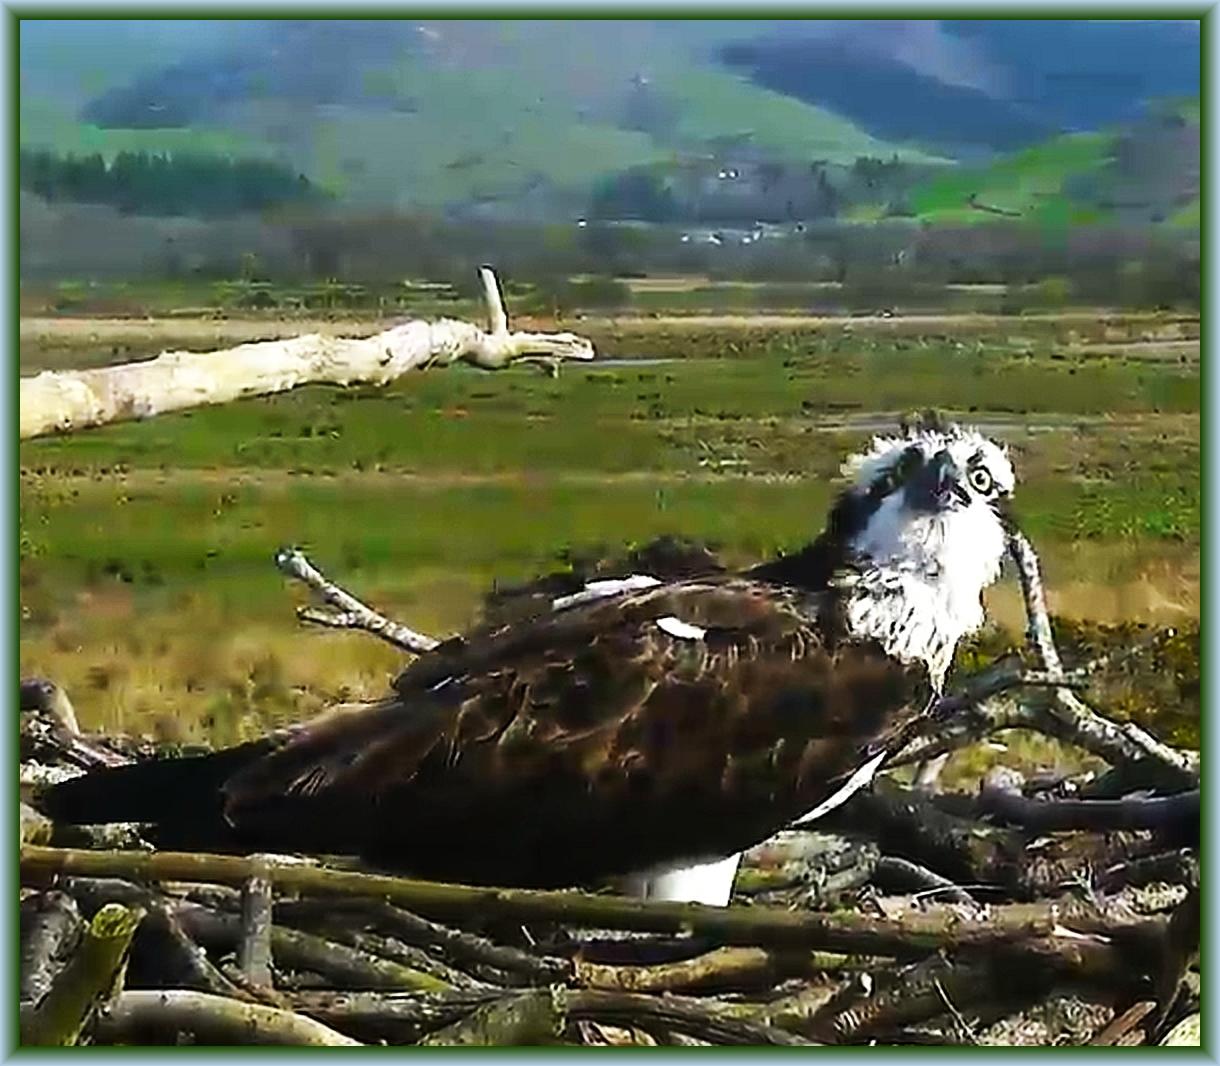 dyfi osprey project Bywyd gwyllt glaslyn wildlife this incredible osprey has now laid at least 48 eggs over 15 seasons at glaslyn trydydd wy o 2018 i mrs g ar y glaslyn.